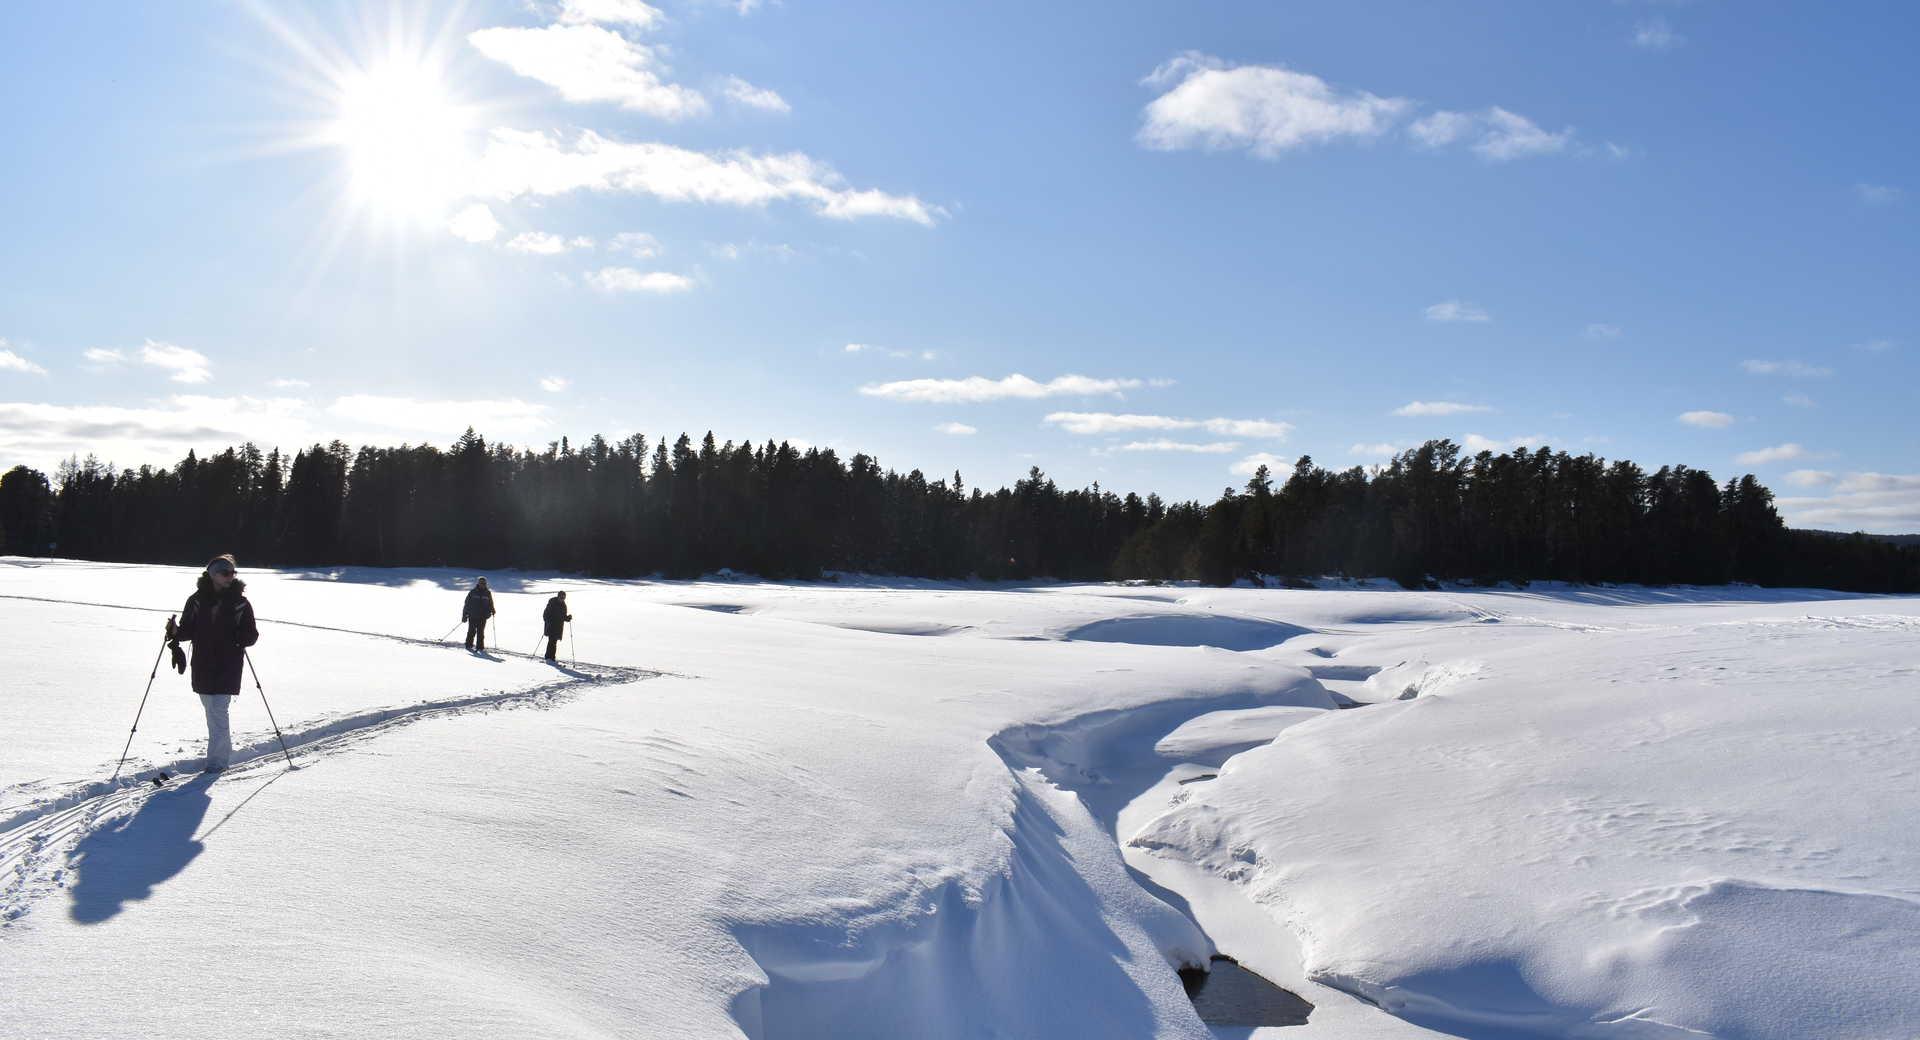 En ski de fond sur le lac gelé Taureau en Mauricie, Québec